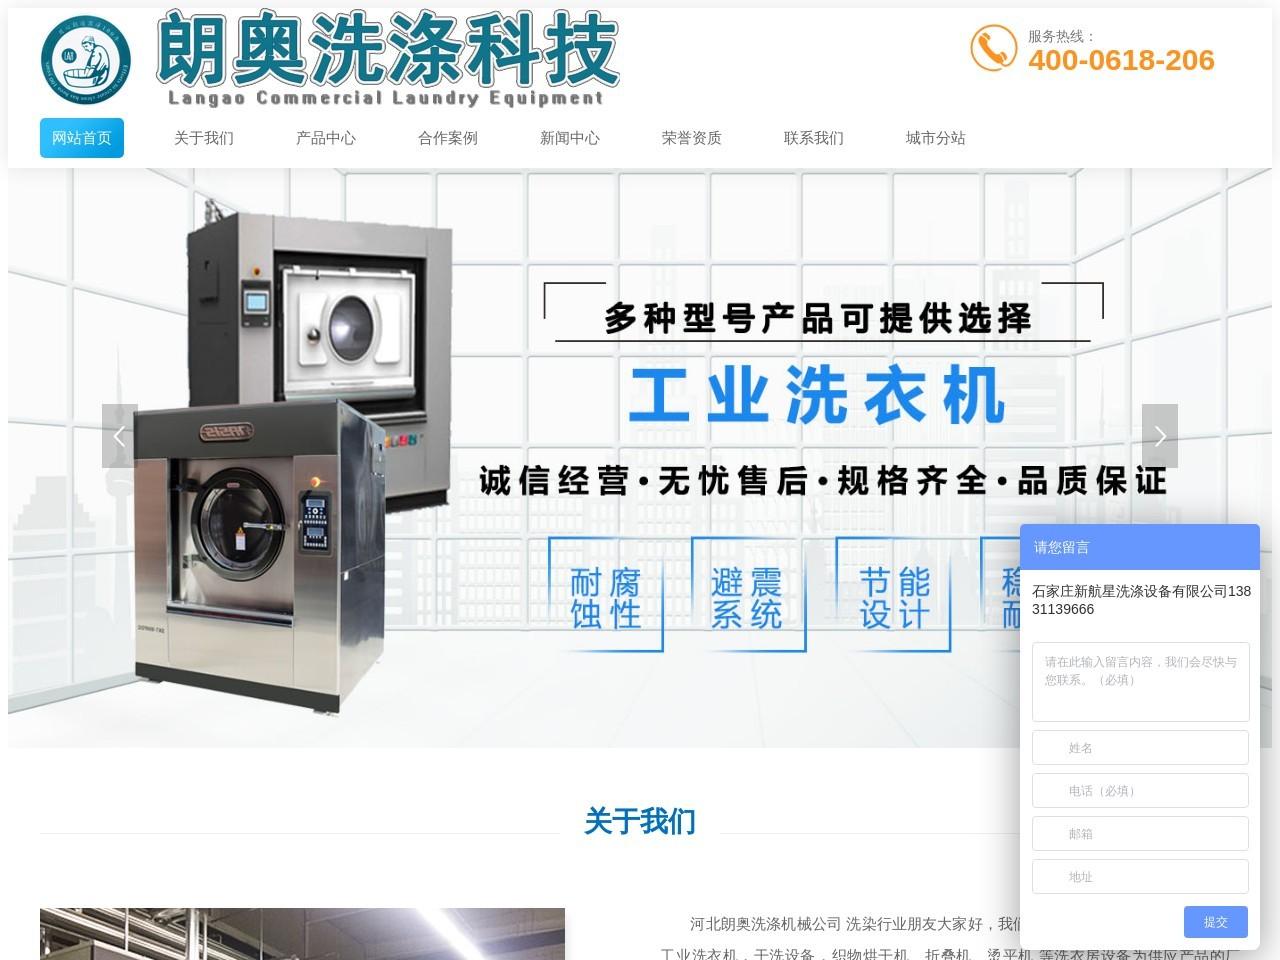 河北朗奥洗涤机械公司